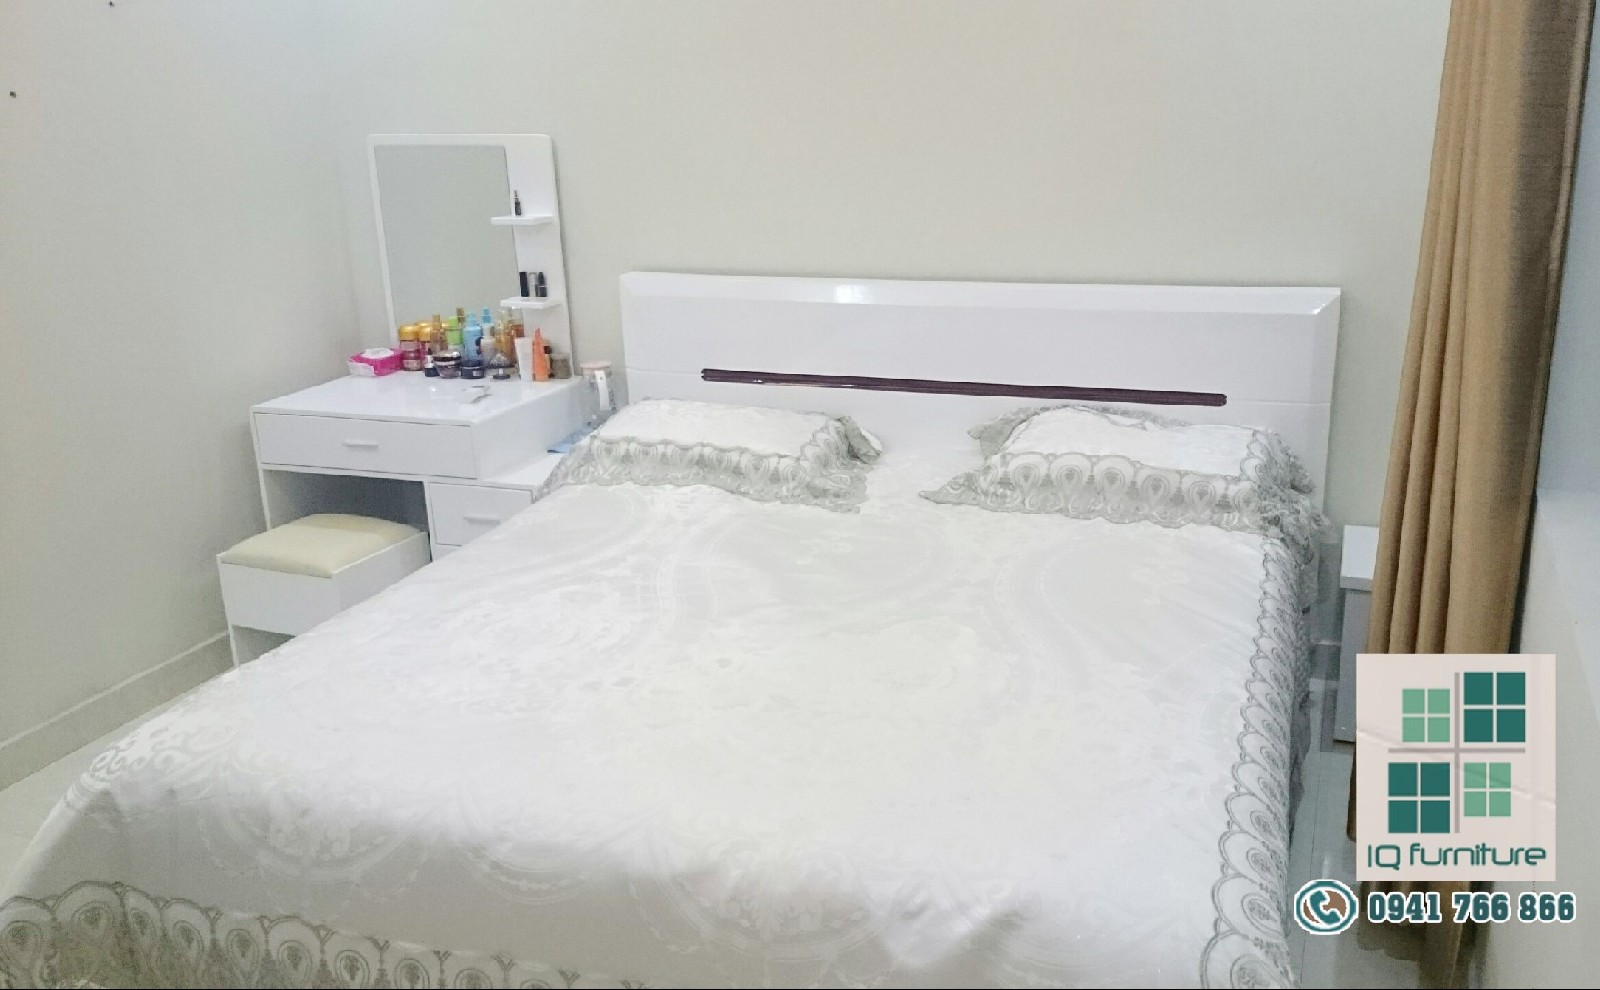 Thiết kế nội thất phòng ngủ chị Huệ - Đông Hải - Hải An, Hải Phòng